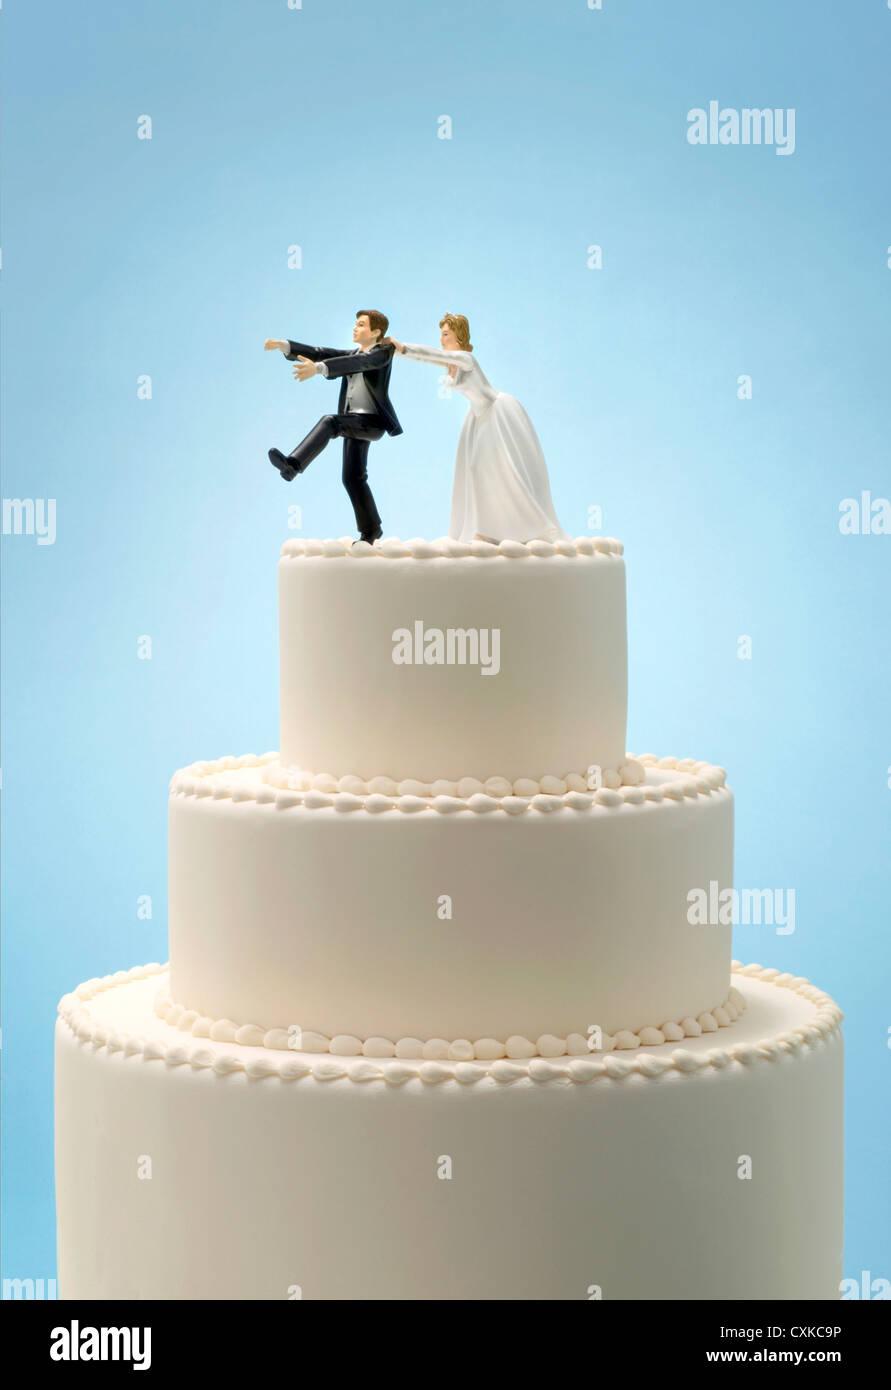 Groom Running Away From Bride Cake Topper